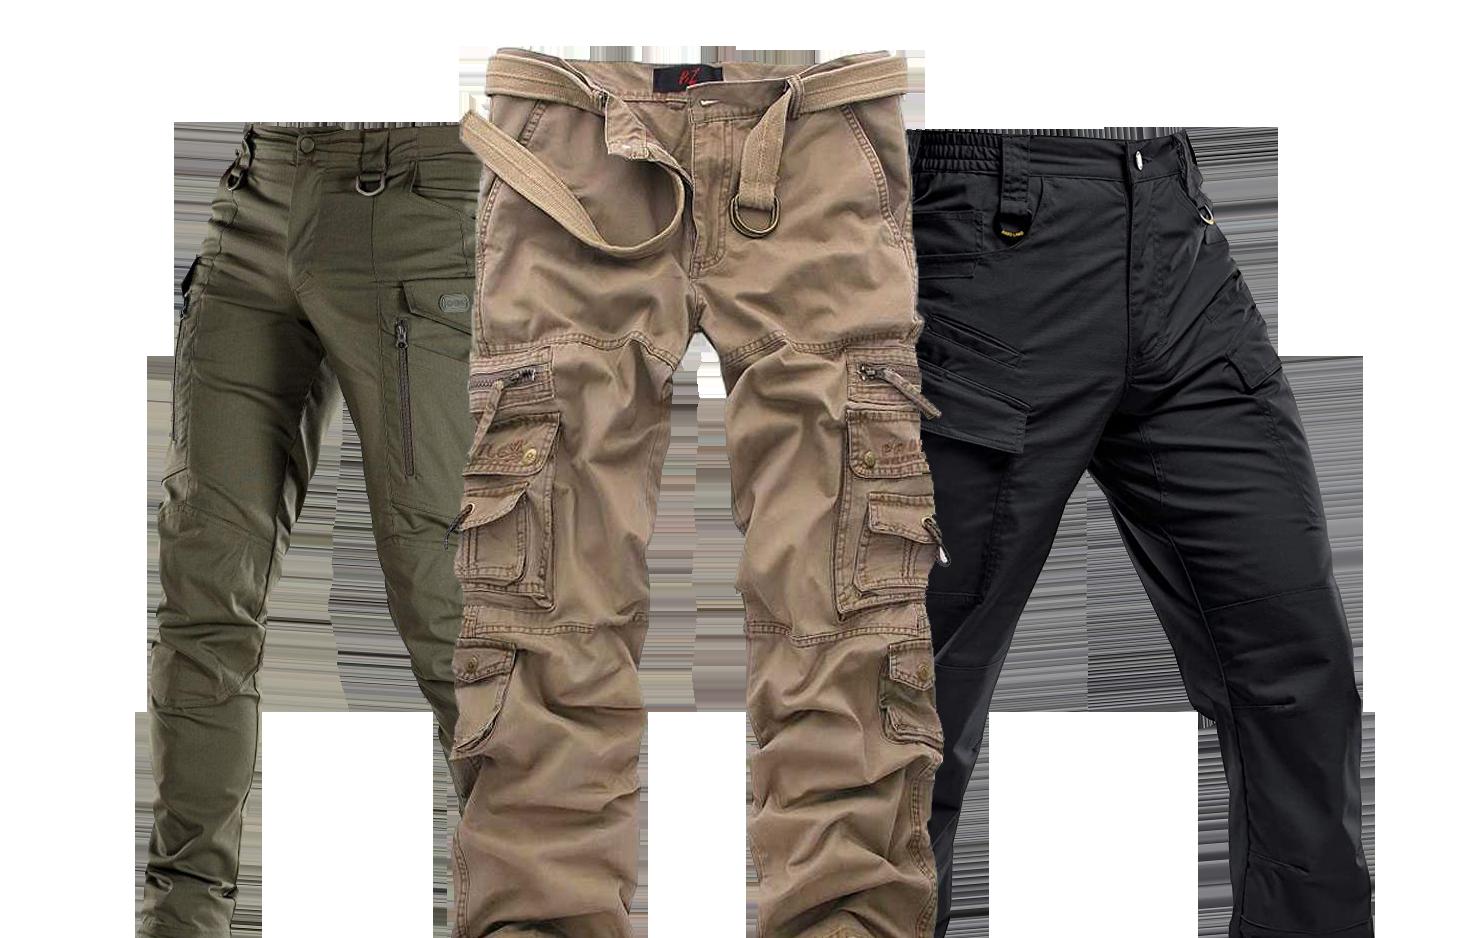 cargo tactical pants at bereli